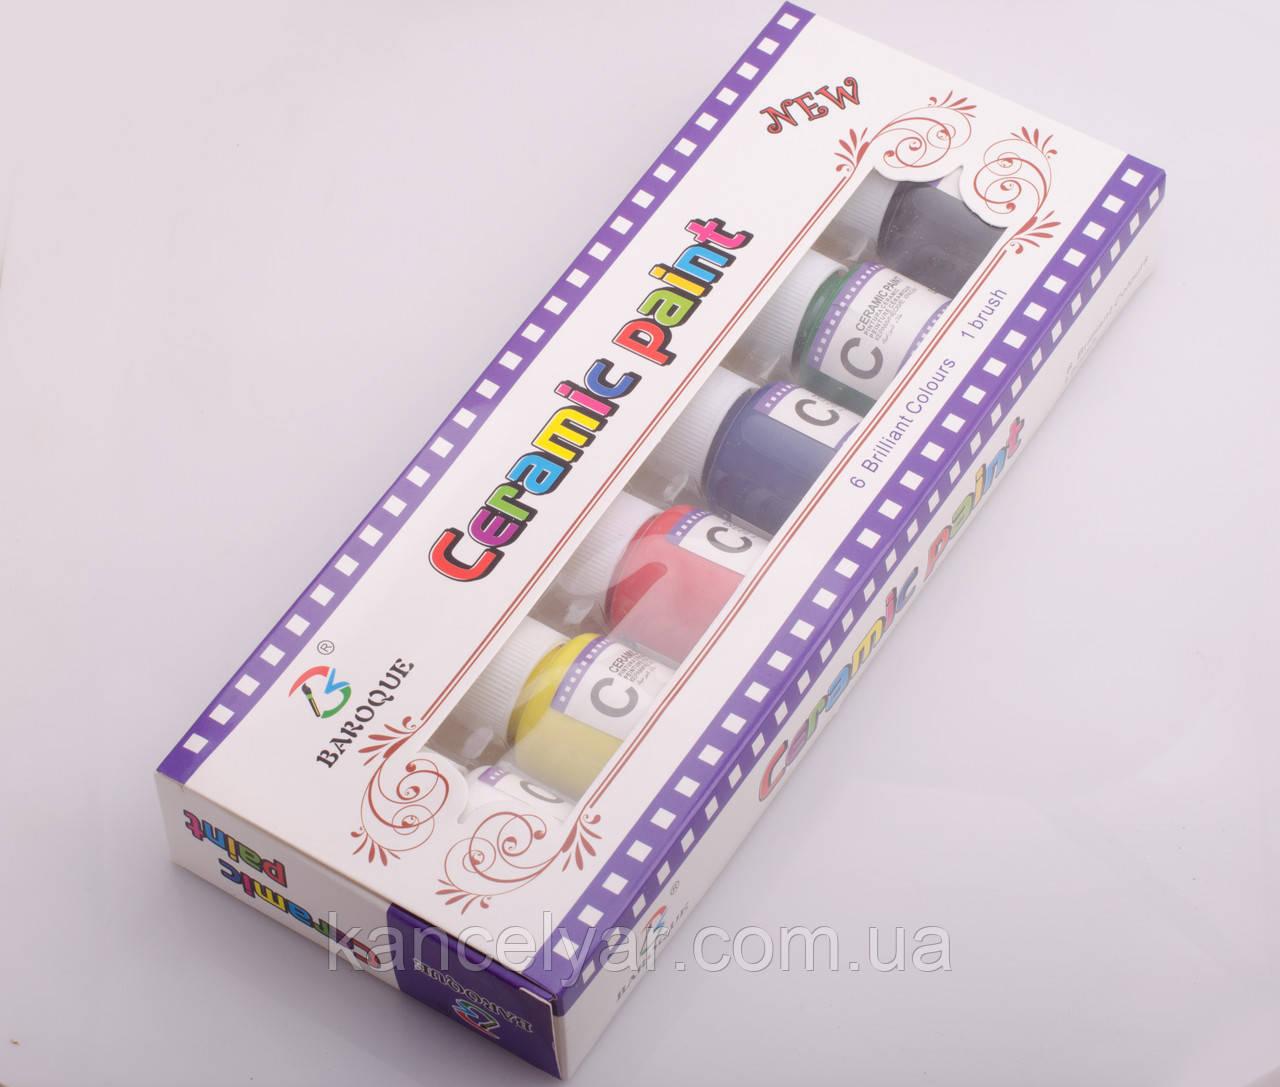 Фарби для кераміки: 6 кольорів, 25 мл, пензлик